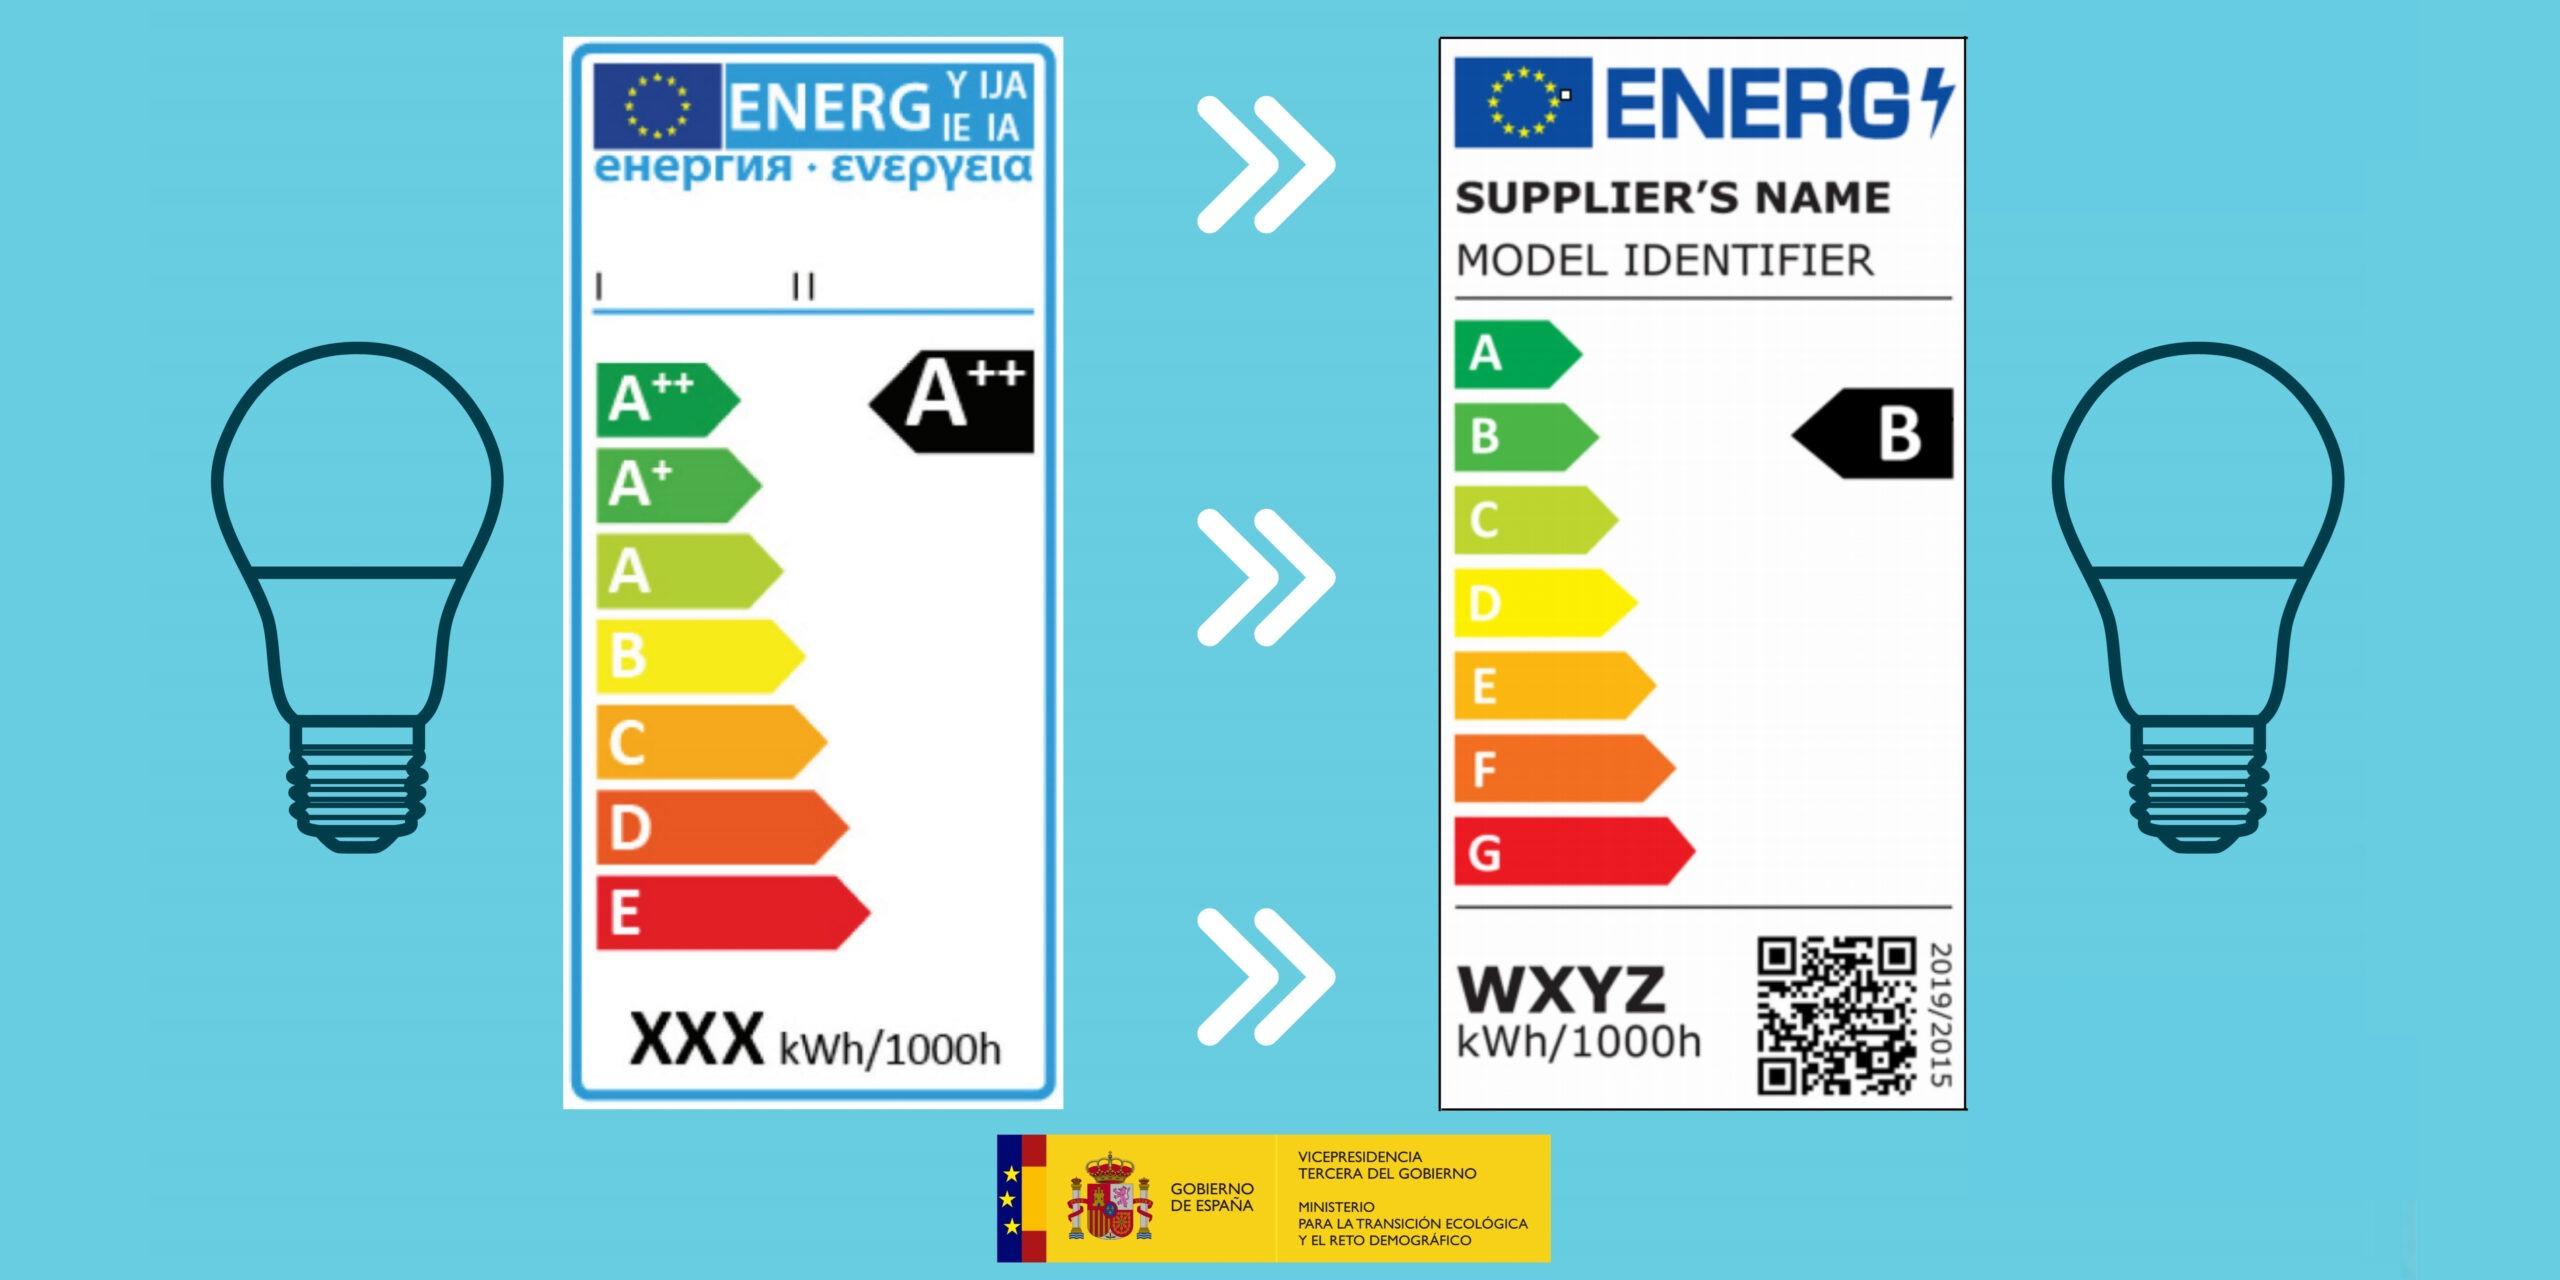 Así son las nuevas etiquetas de eficiencia energética en electrodomésticos y bombillas. Fuente: Ministerio para la Transición Ecológica y el Reto Demográfico